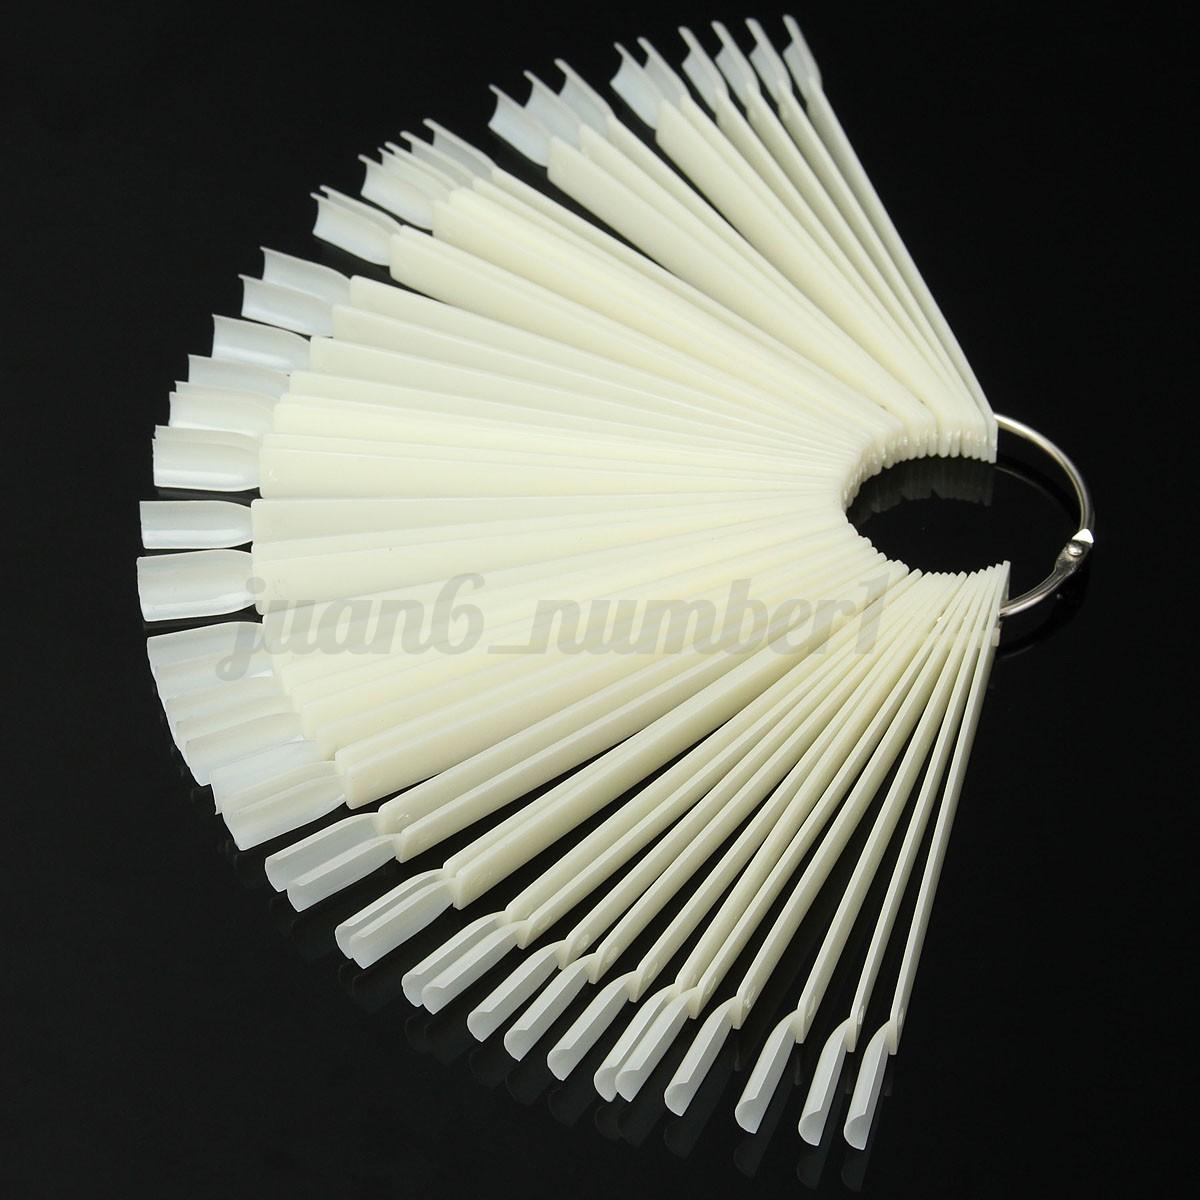 50pz-Espositore-Ventaglio-Nail-Art-Ricostruzione-Unghie-Tips-Porta-Dsplay-Gel-UV miniatura 4